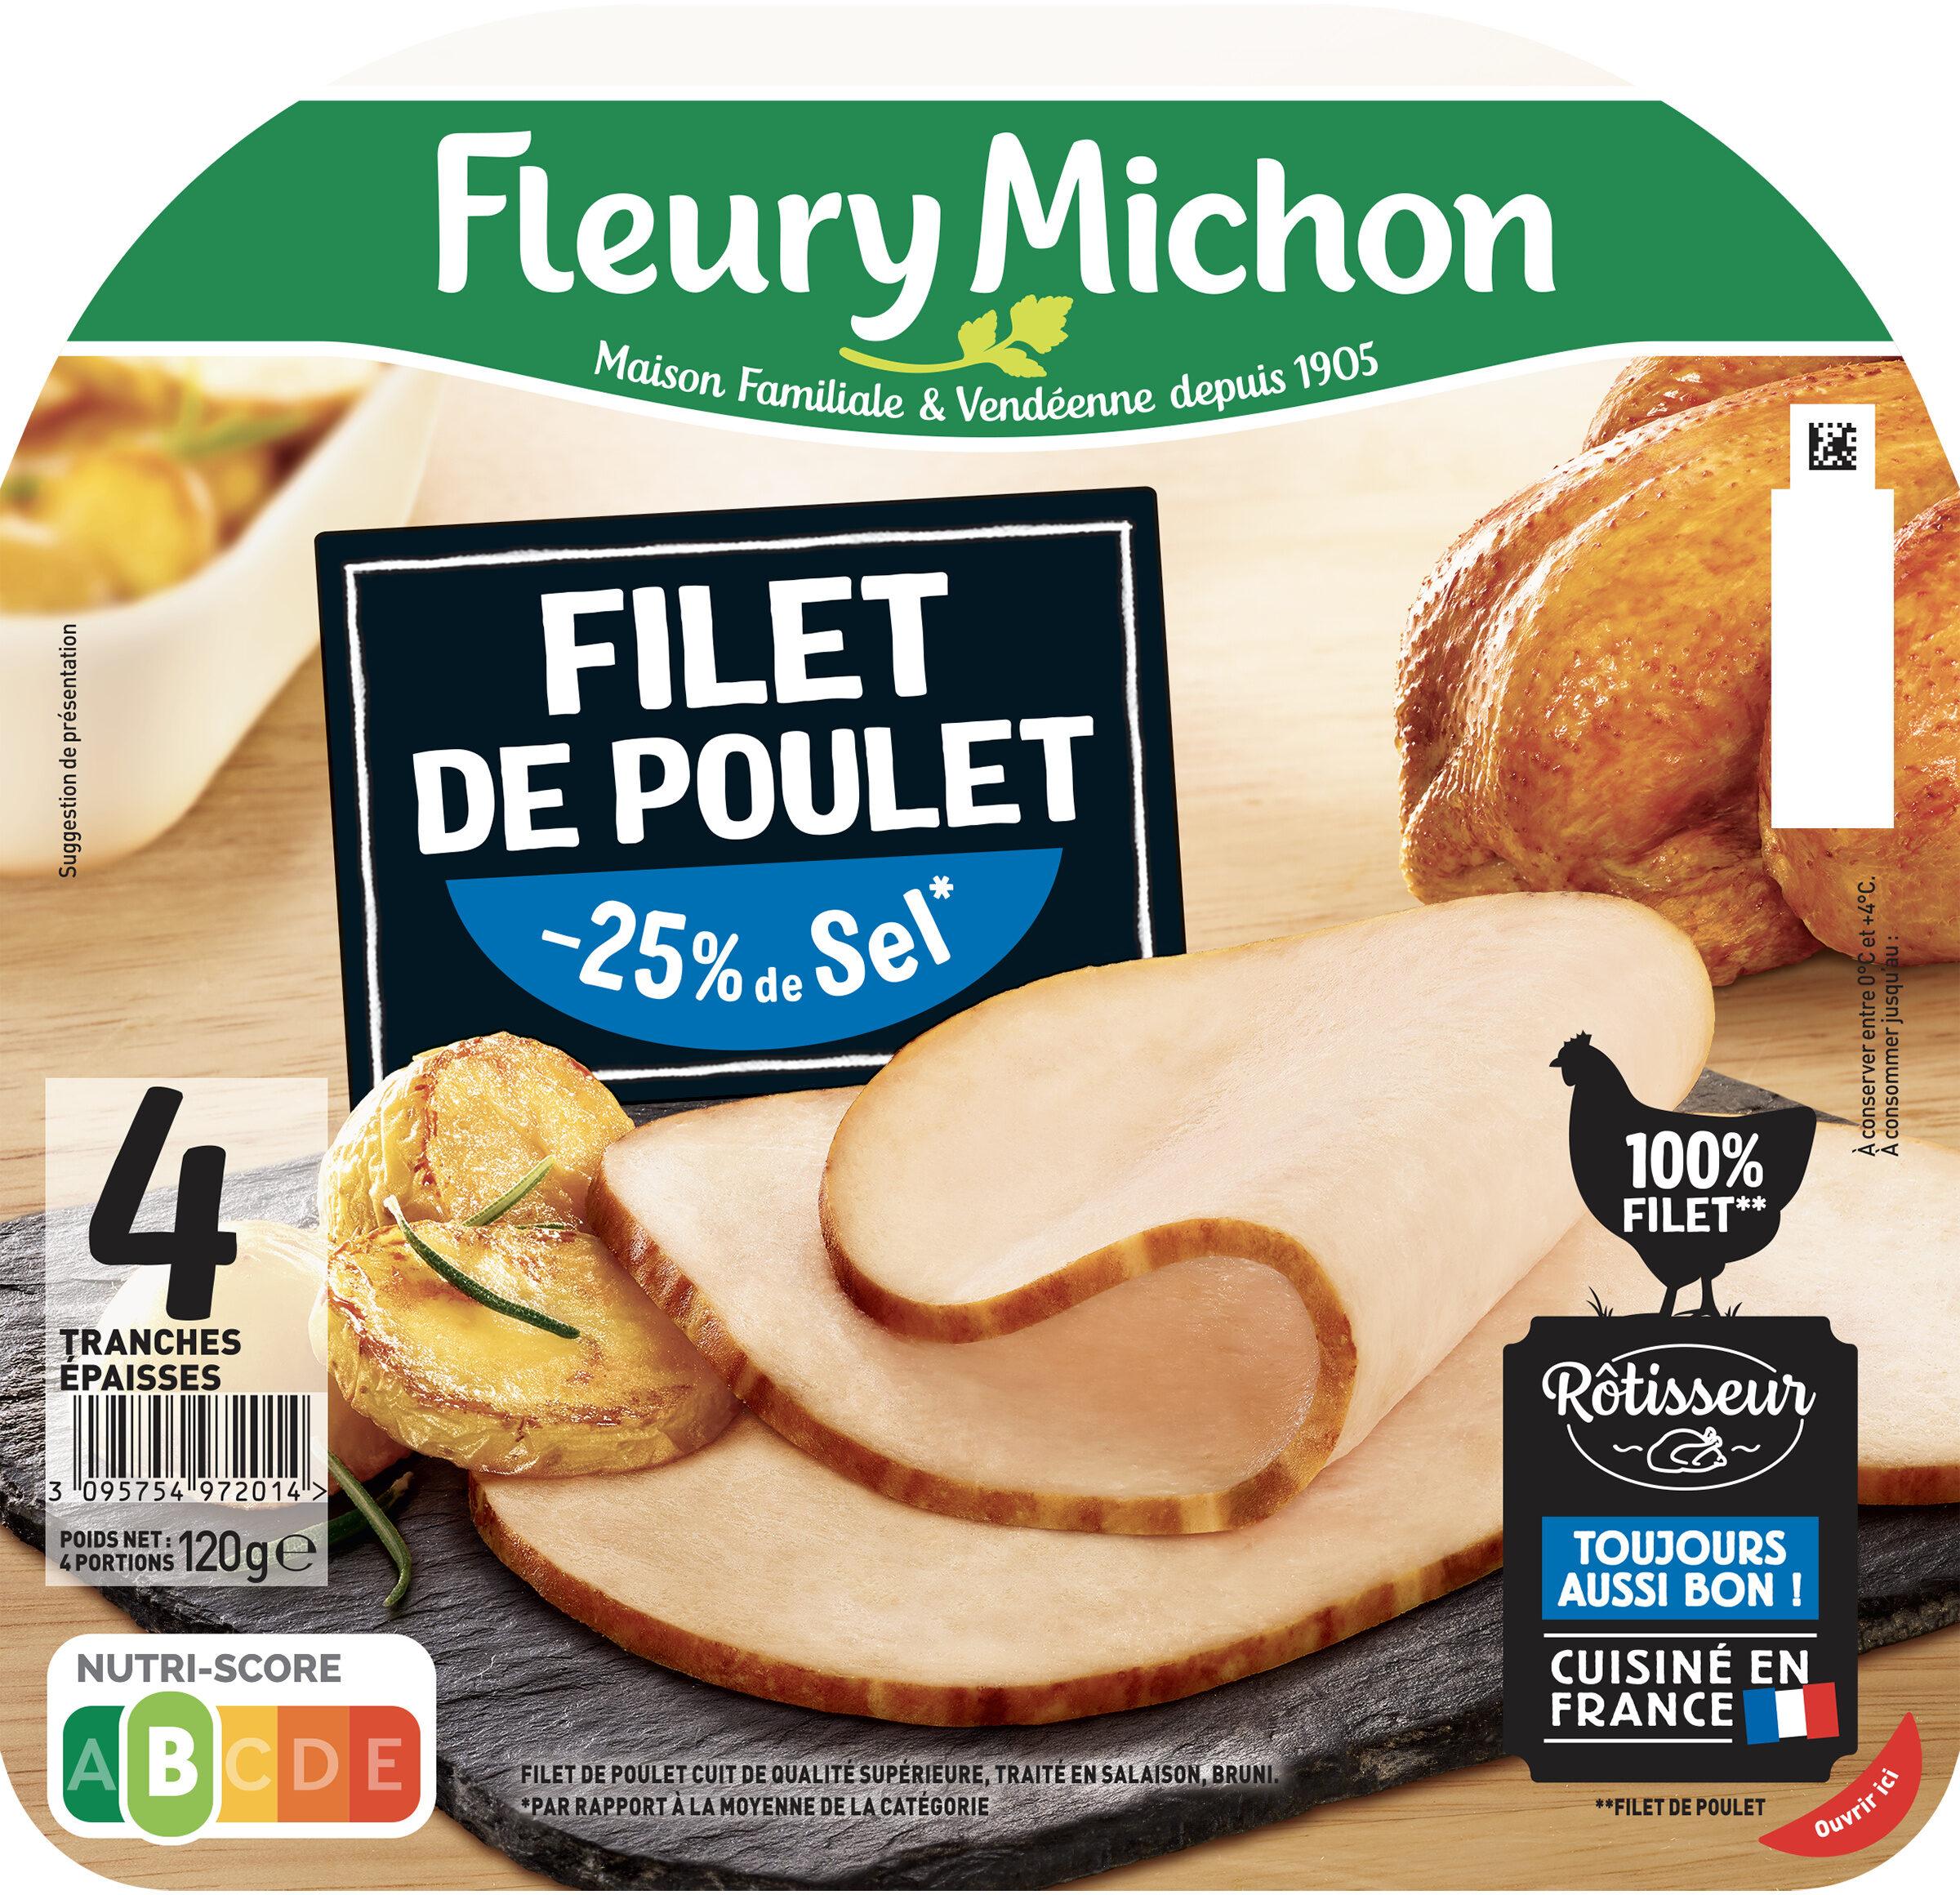 Filet de Poulet - 25% de Sel* - Product - fr